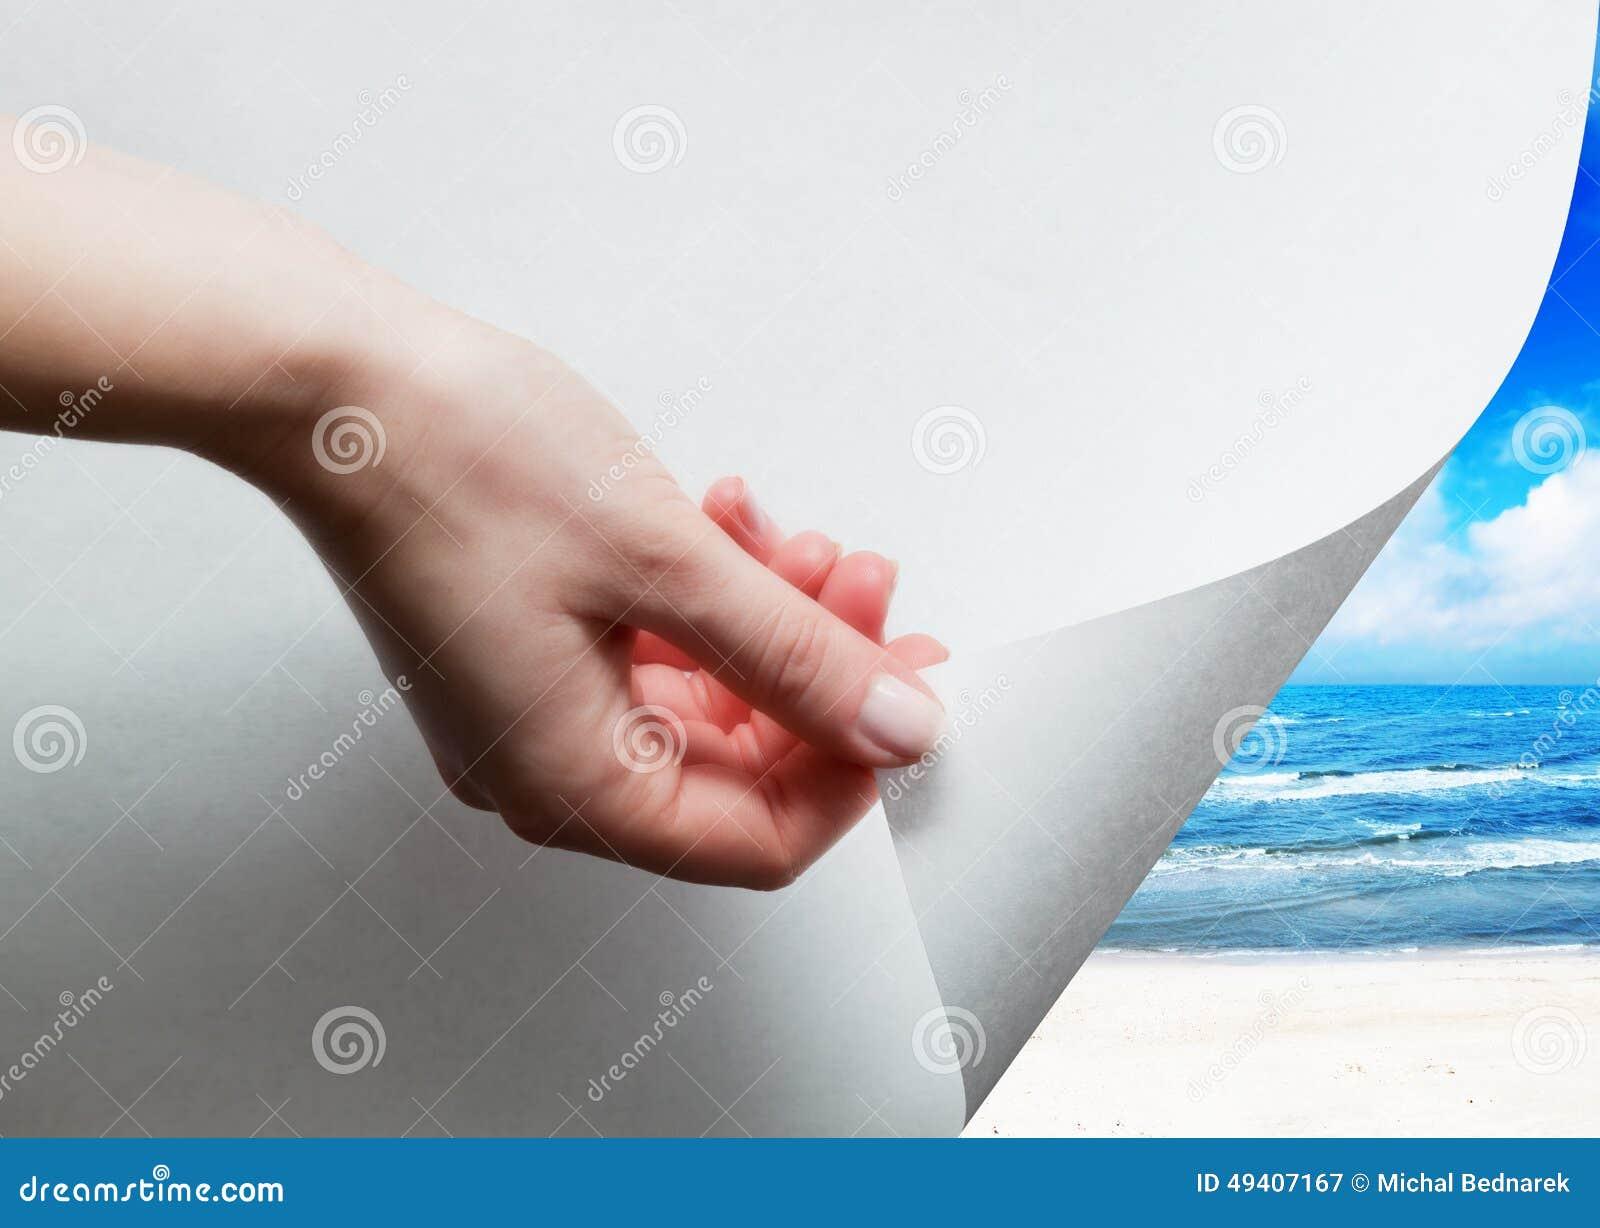 Download Übergeben Sie Das Ziehen Einer Papierecke, Um Sonnigen Strand Freizulegen Stockbild - Bild von rotation, auslegung: 49407167